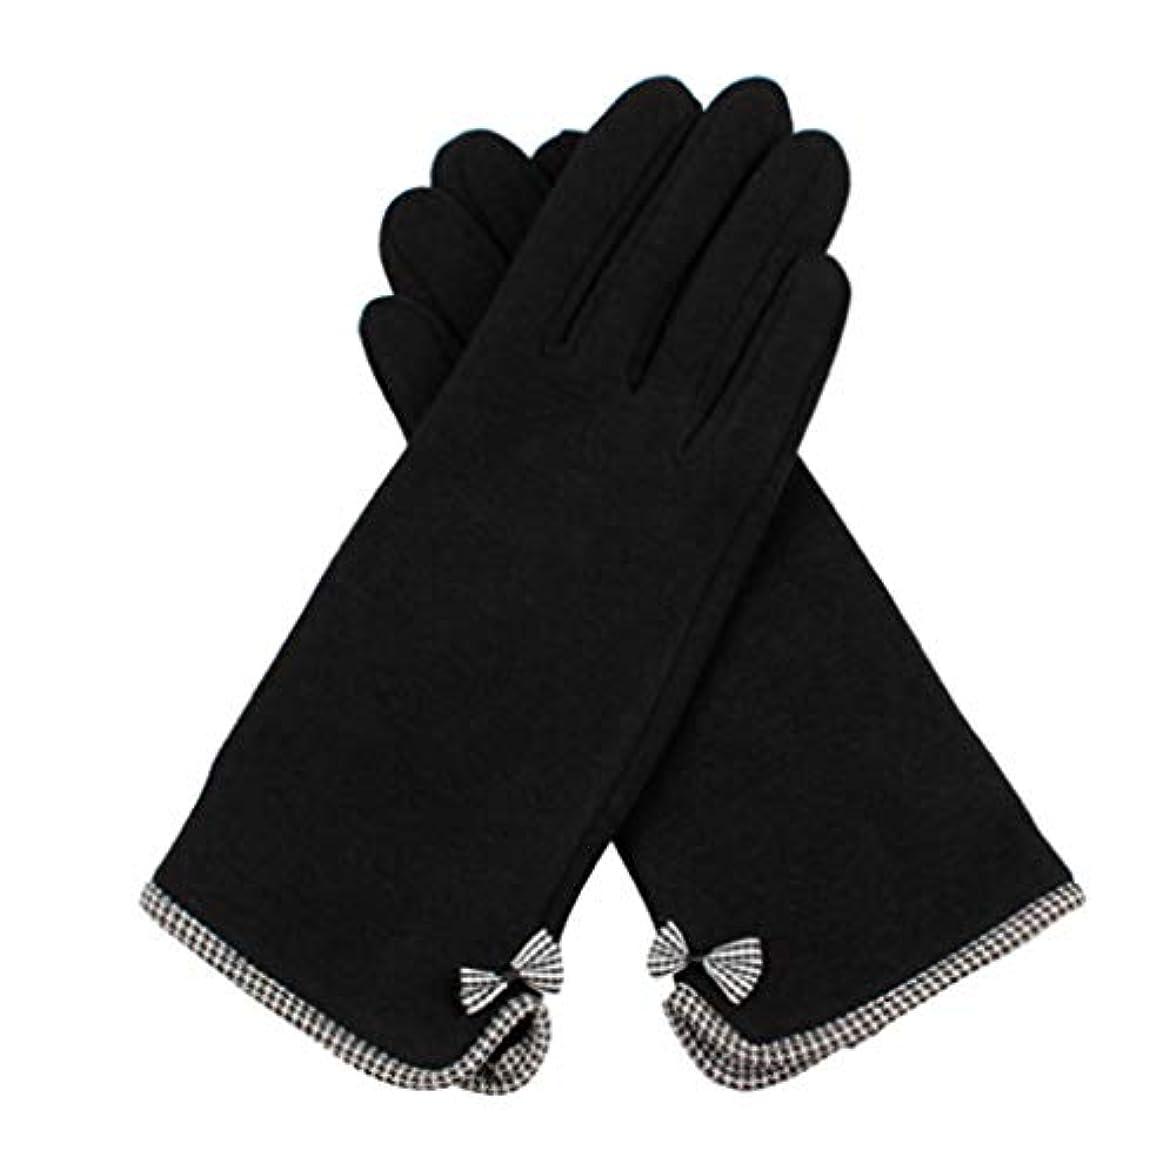 船尾に変わるアラスカ手袋女性の冬暖かい韓国語版蝶の結び目の学生ファッションスリムサイクリング運転女性の手袋 (色 : 黒)